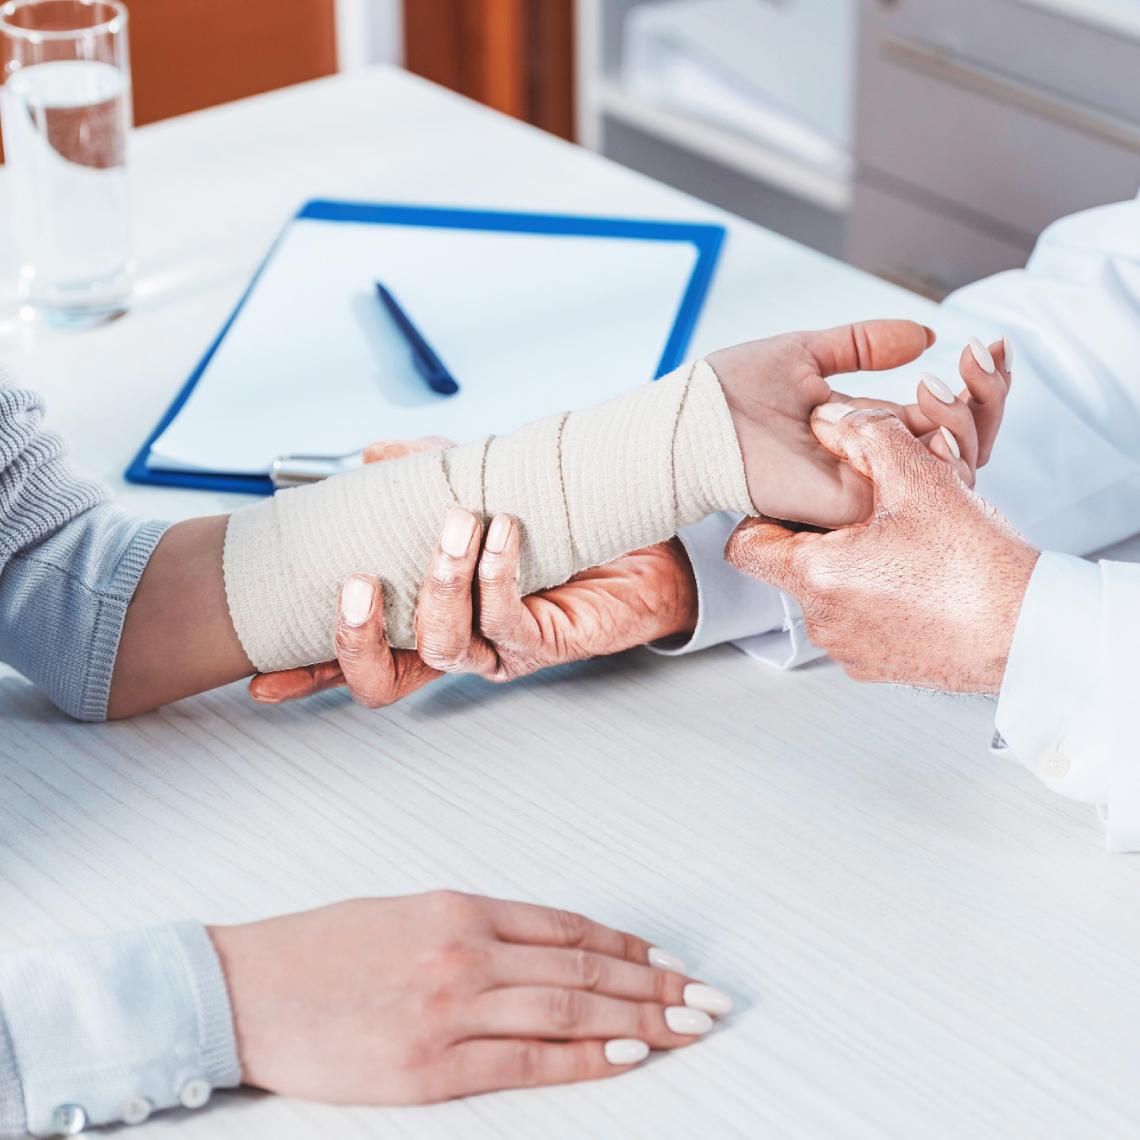 Как подобрать правильное средство для лечения ран? Задать вопрос врачу!